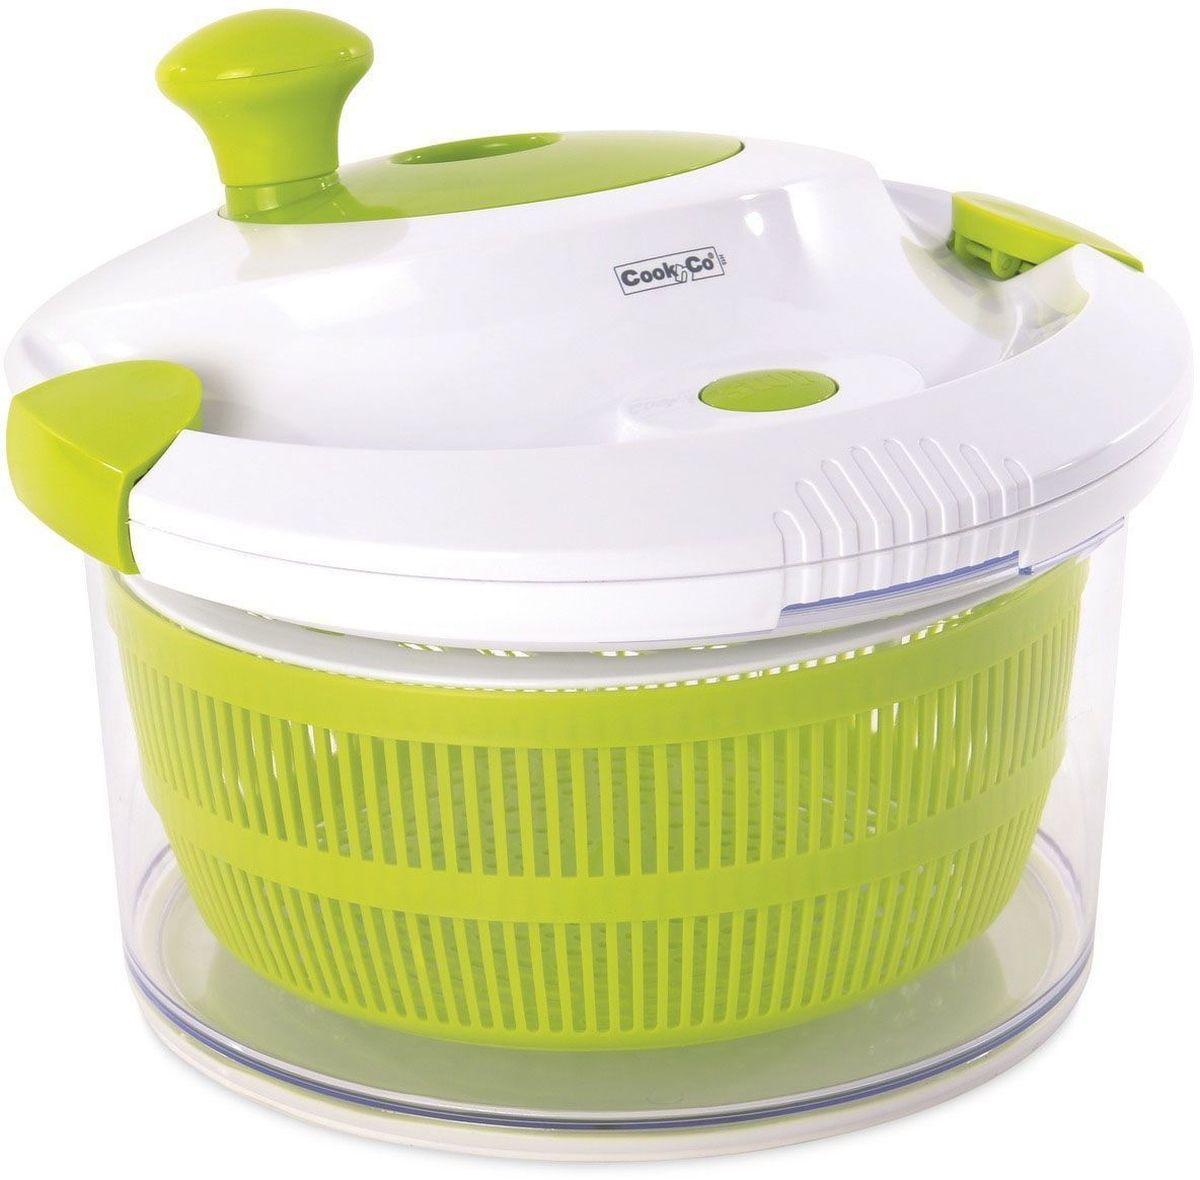 Сушилка для салата. 280012254 009312Подходит для мытья и сушки салатной зелени, фруктов и овощей. Легко вращающаяся ручка. Зажимы на крышке обеспечивают безопасную сушку. Прозрачное основание может быть использовано для сервировки. Кнопка быстрой остановки . Миска 4,7 л. Имеет нескользящее основание. Подходит для мытья в посудомоечной машине.